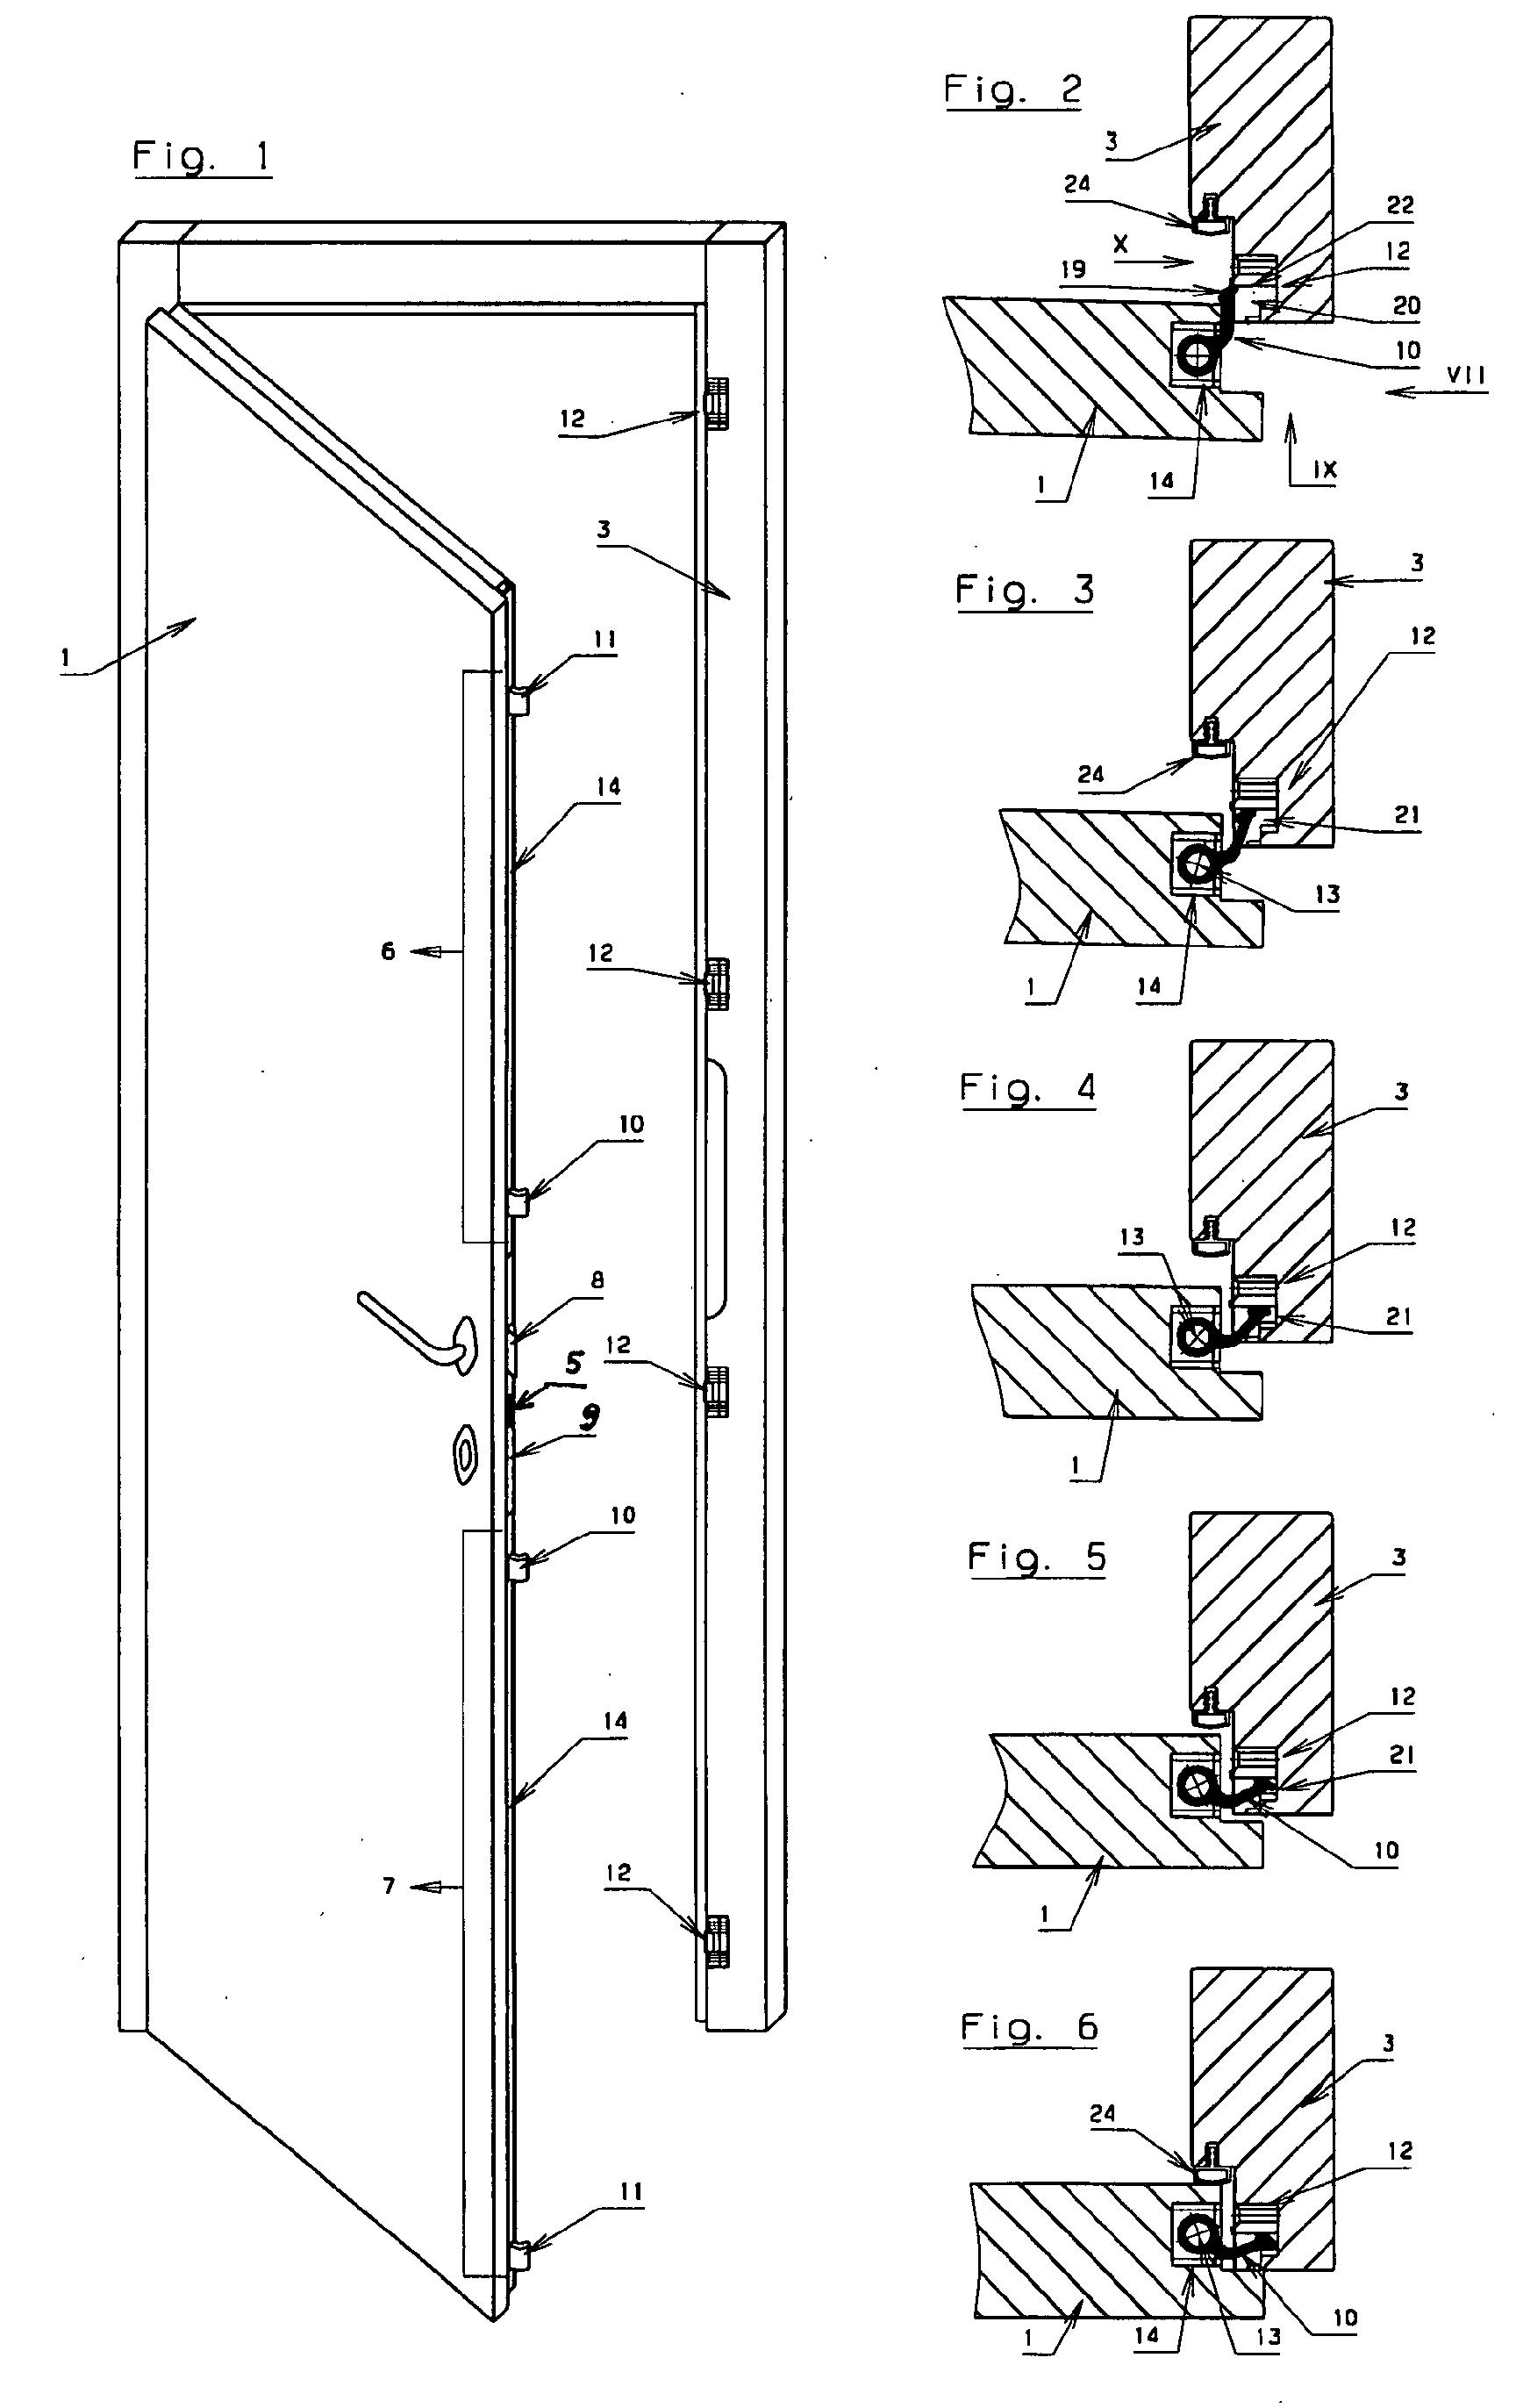 Tür vertikalschnitt  Patent EP1234939A2 - Vorrichtung zur Verriegelung, Halterung und ...